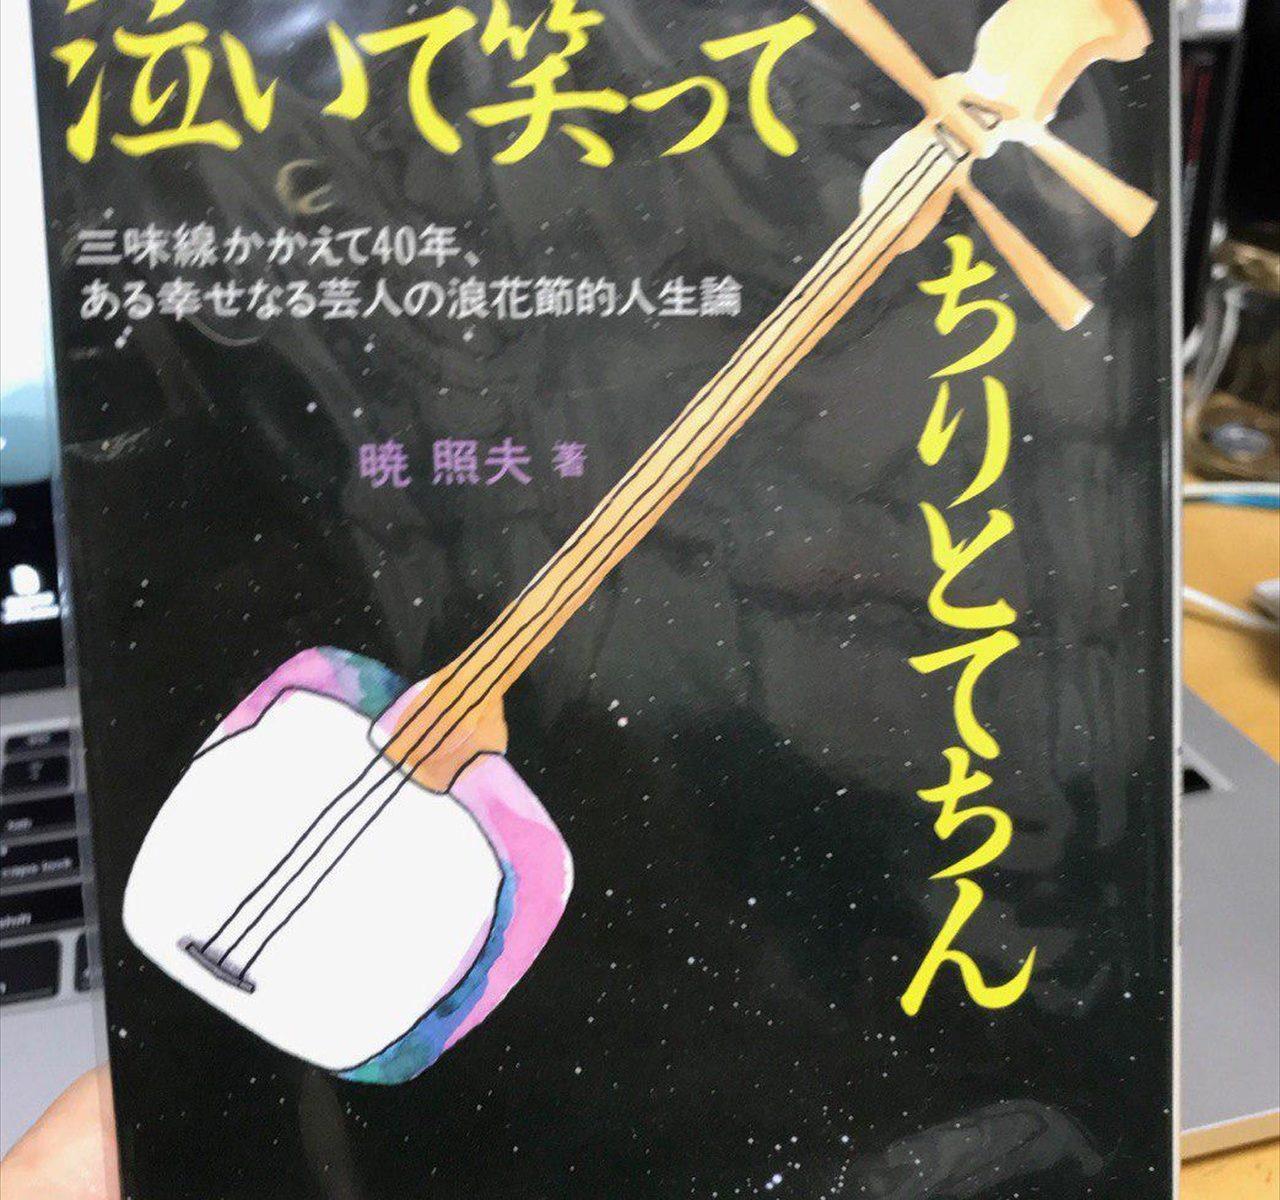 暁照夫さんの本とサイン。